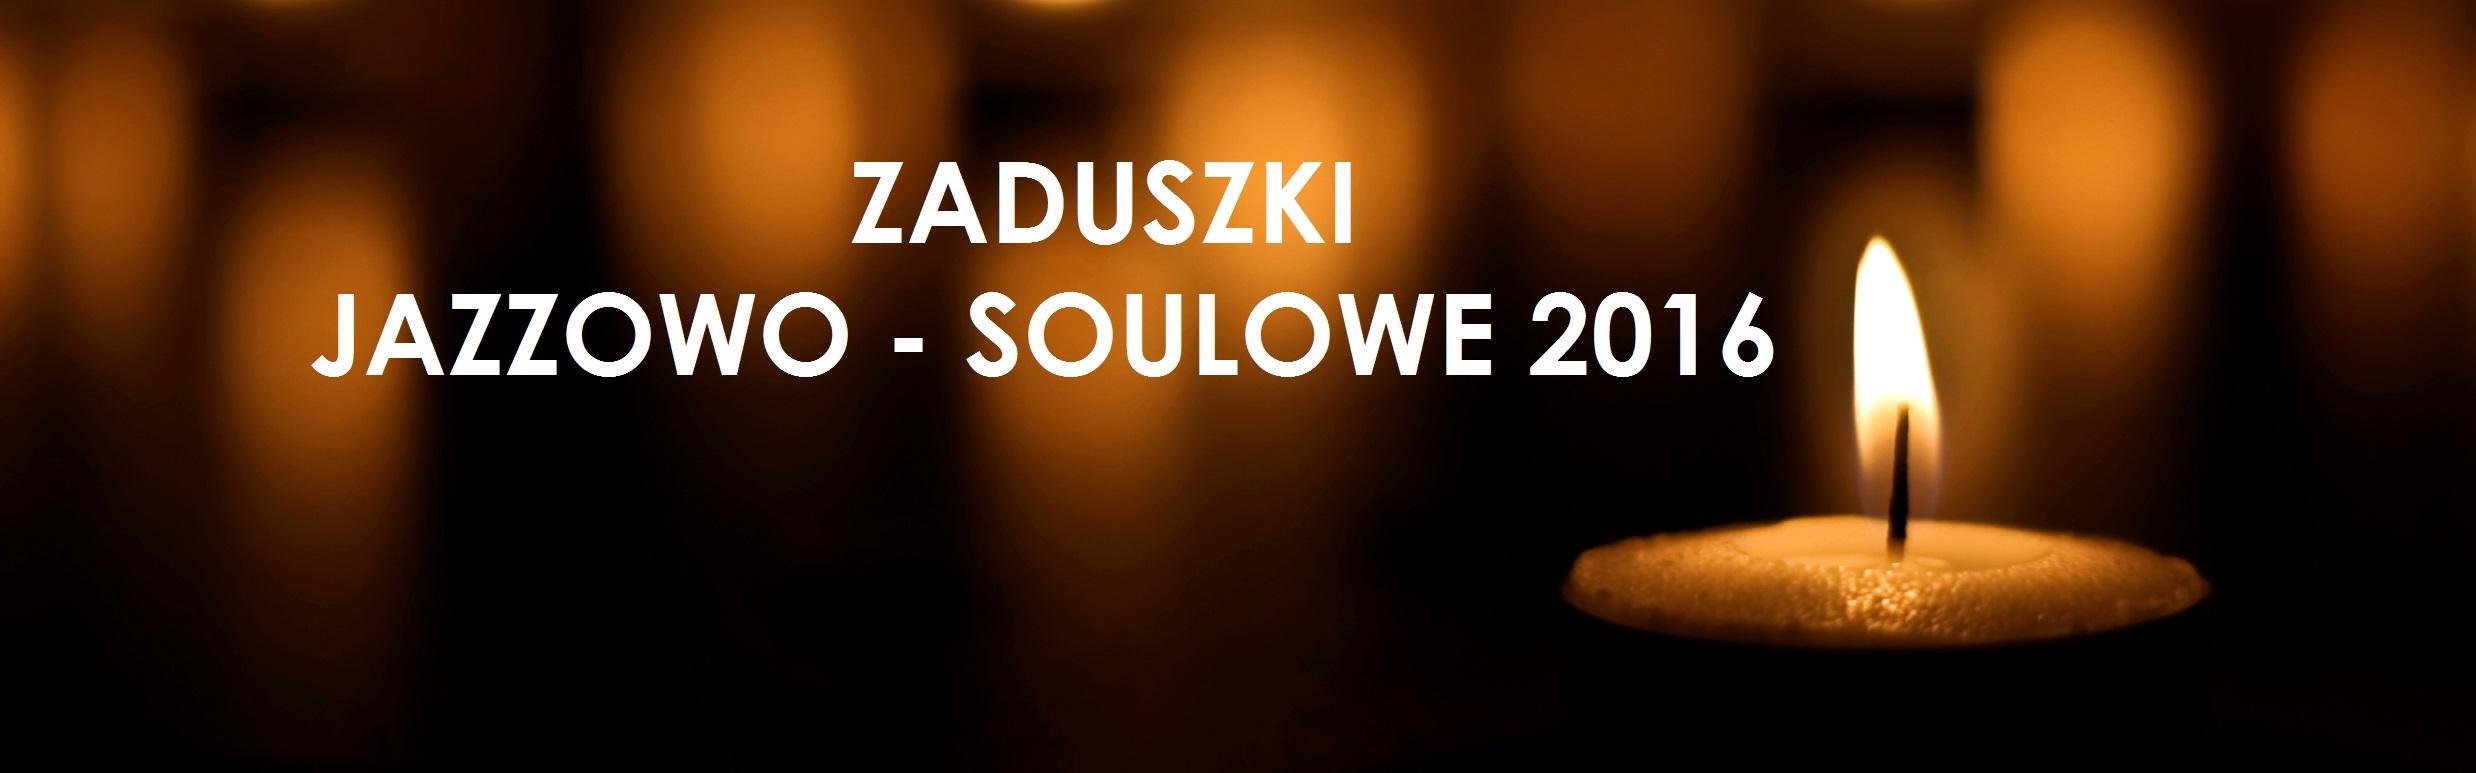 wspominamy. zaduszki-jazzowo-soulowe-2016